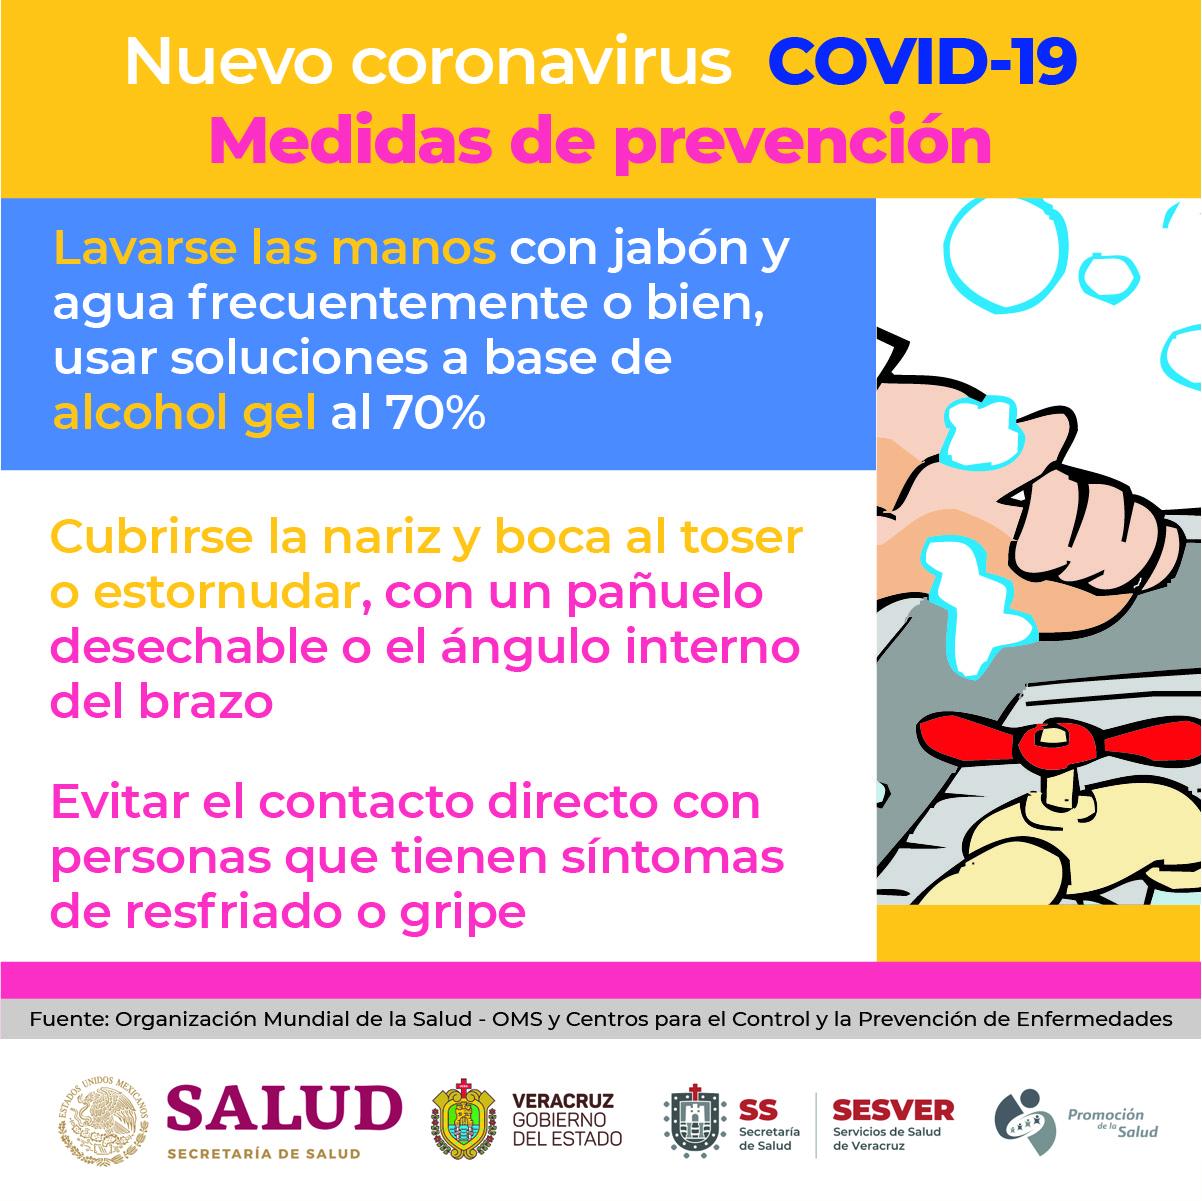 https://0201.nccdn.net/1_2/000/000/0e9/9ea/Coronavirus-Postal-5-IMSS-ISSSTE.jpg